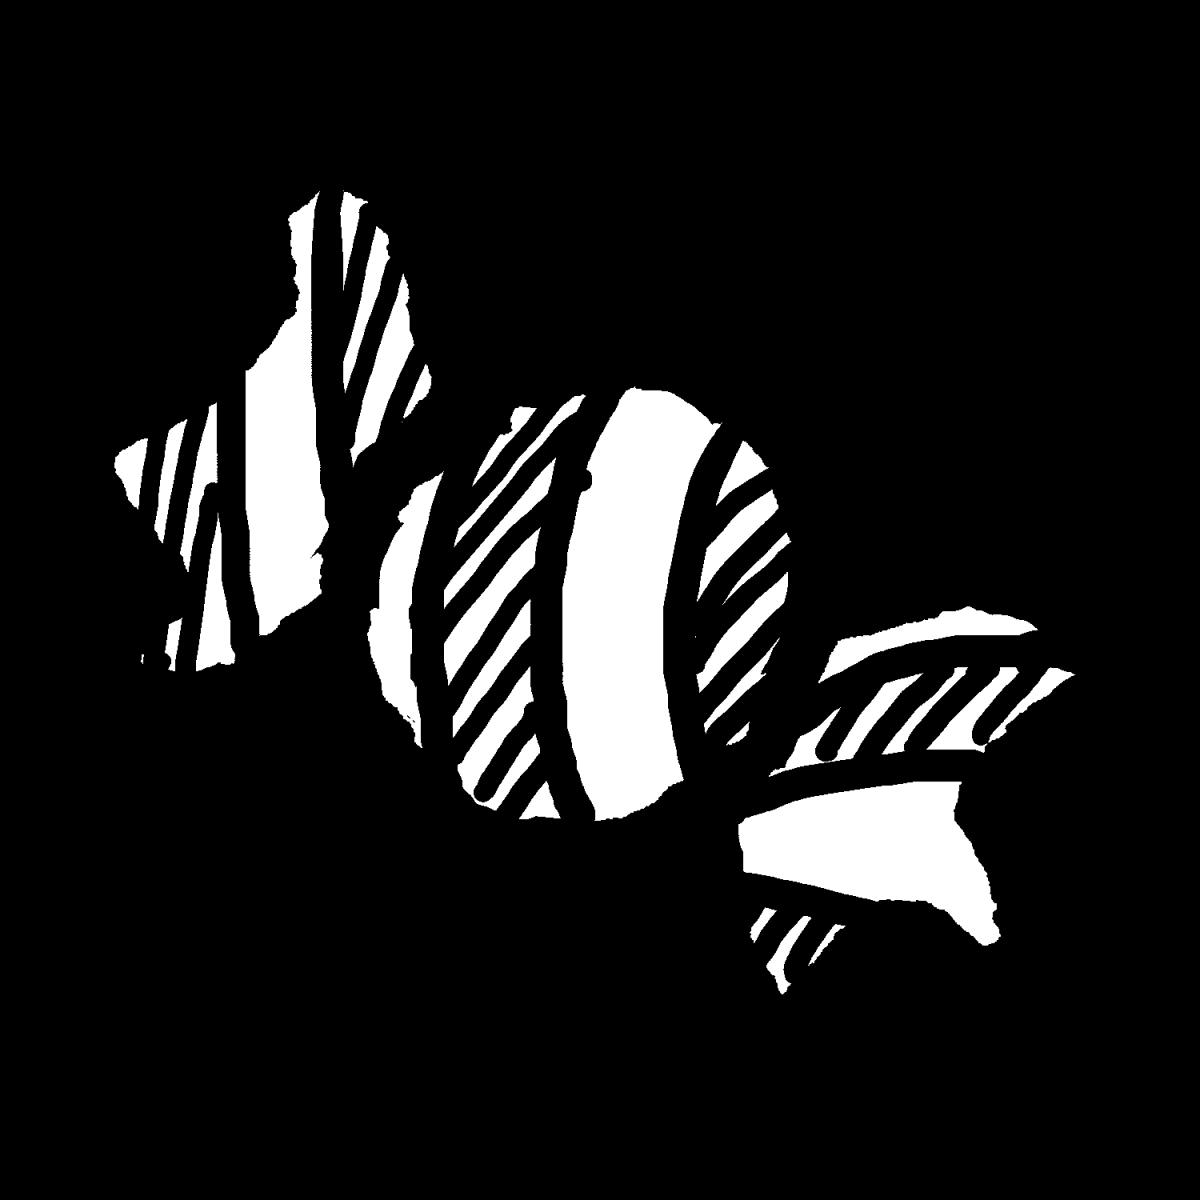 キャンディ その2(3種)のイラスト / Candy2 (3 types) Illustration